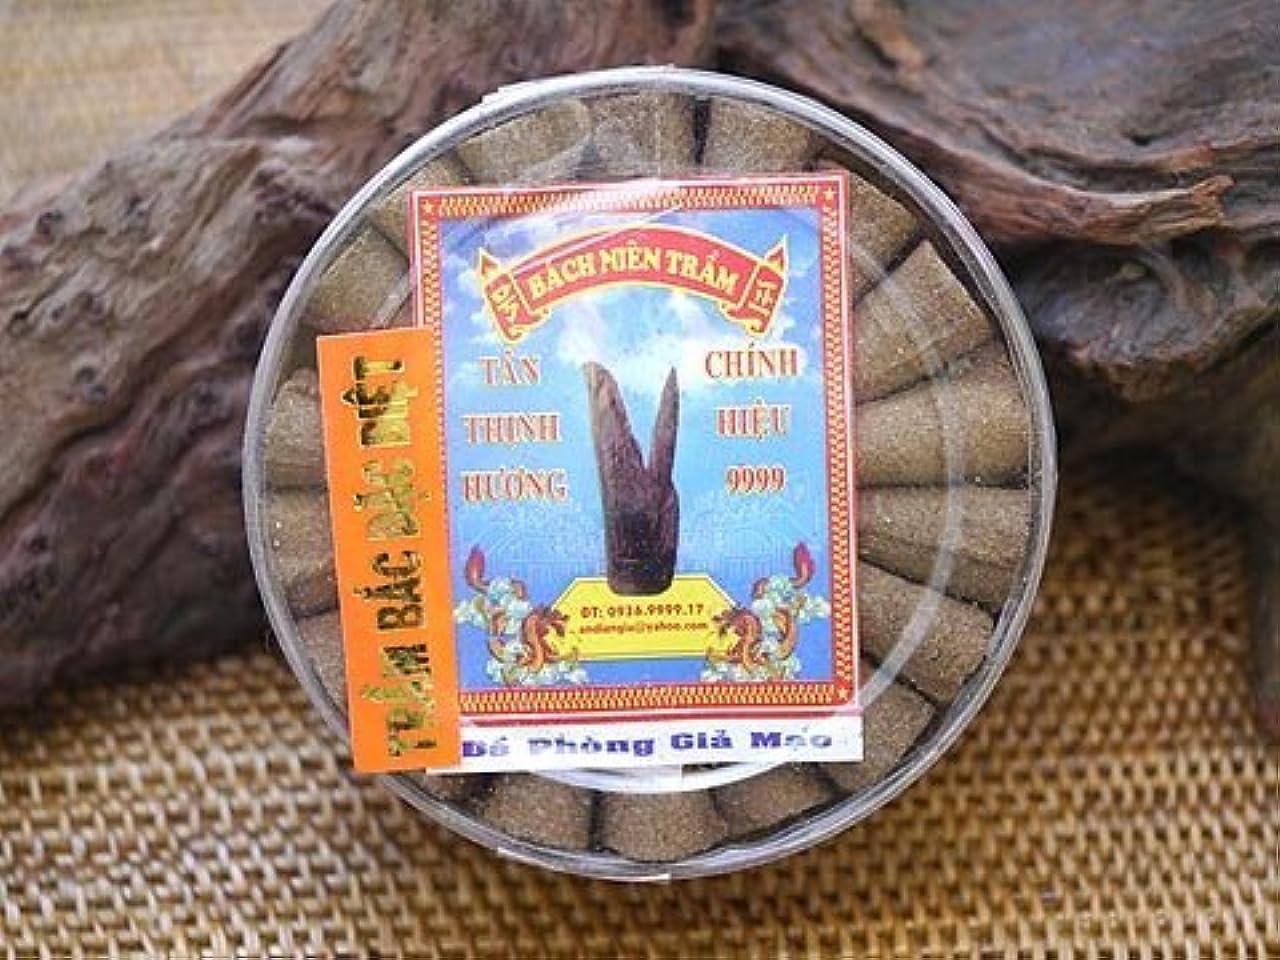 トレース届ける運搬Vietnam Incense ベトナムのお香【コーン香】AN DIEN GIA社製